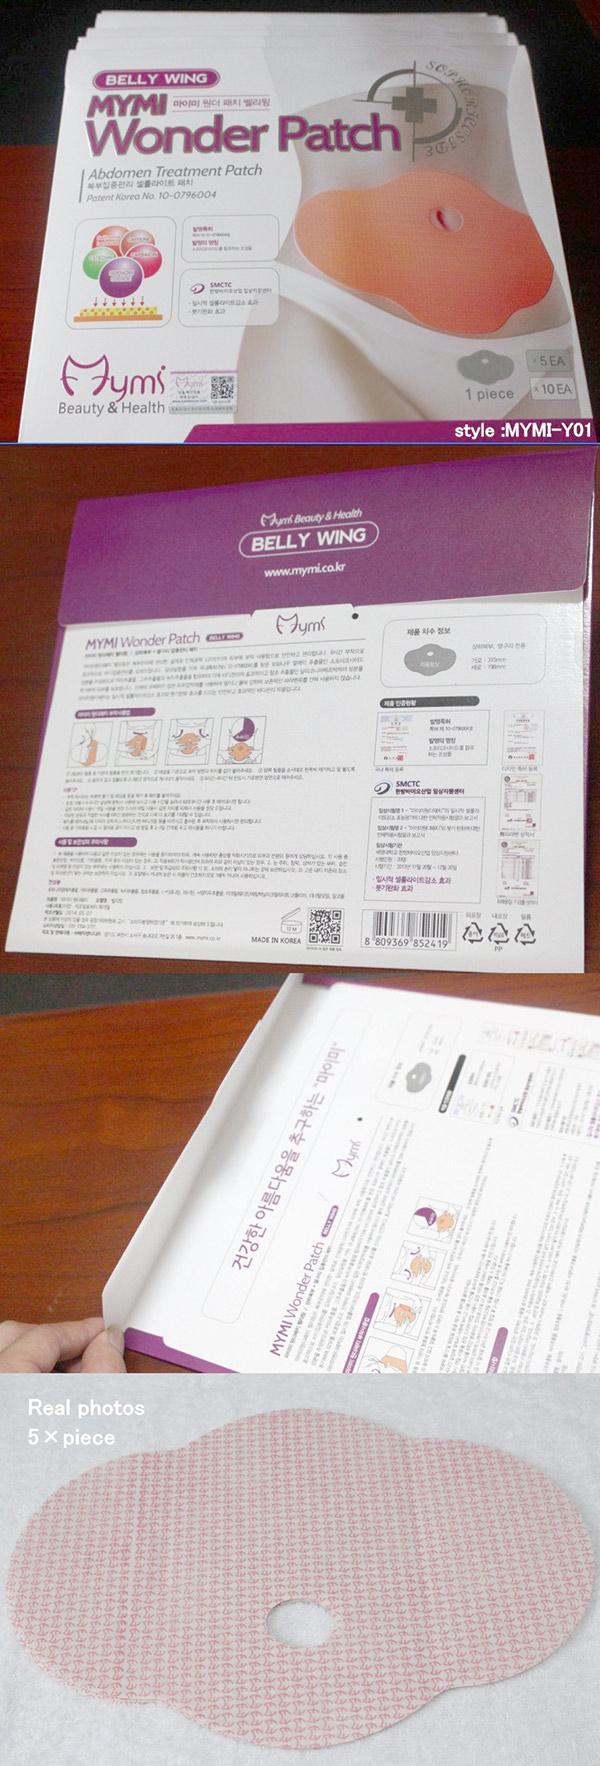 خرید پستی  چسب لاغری واندر پچ اصل کره